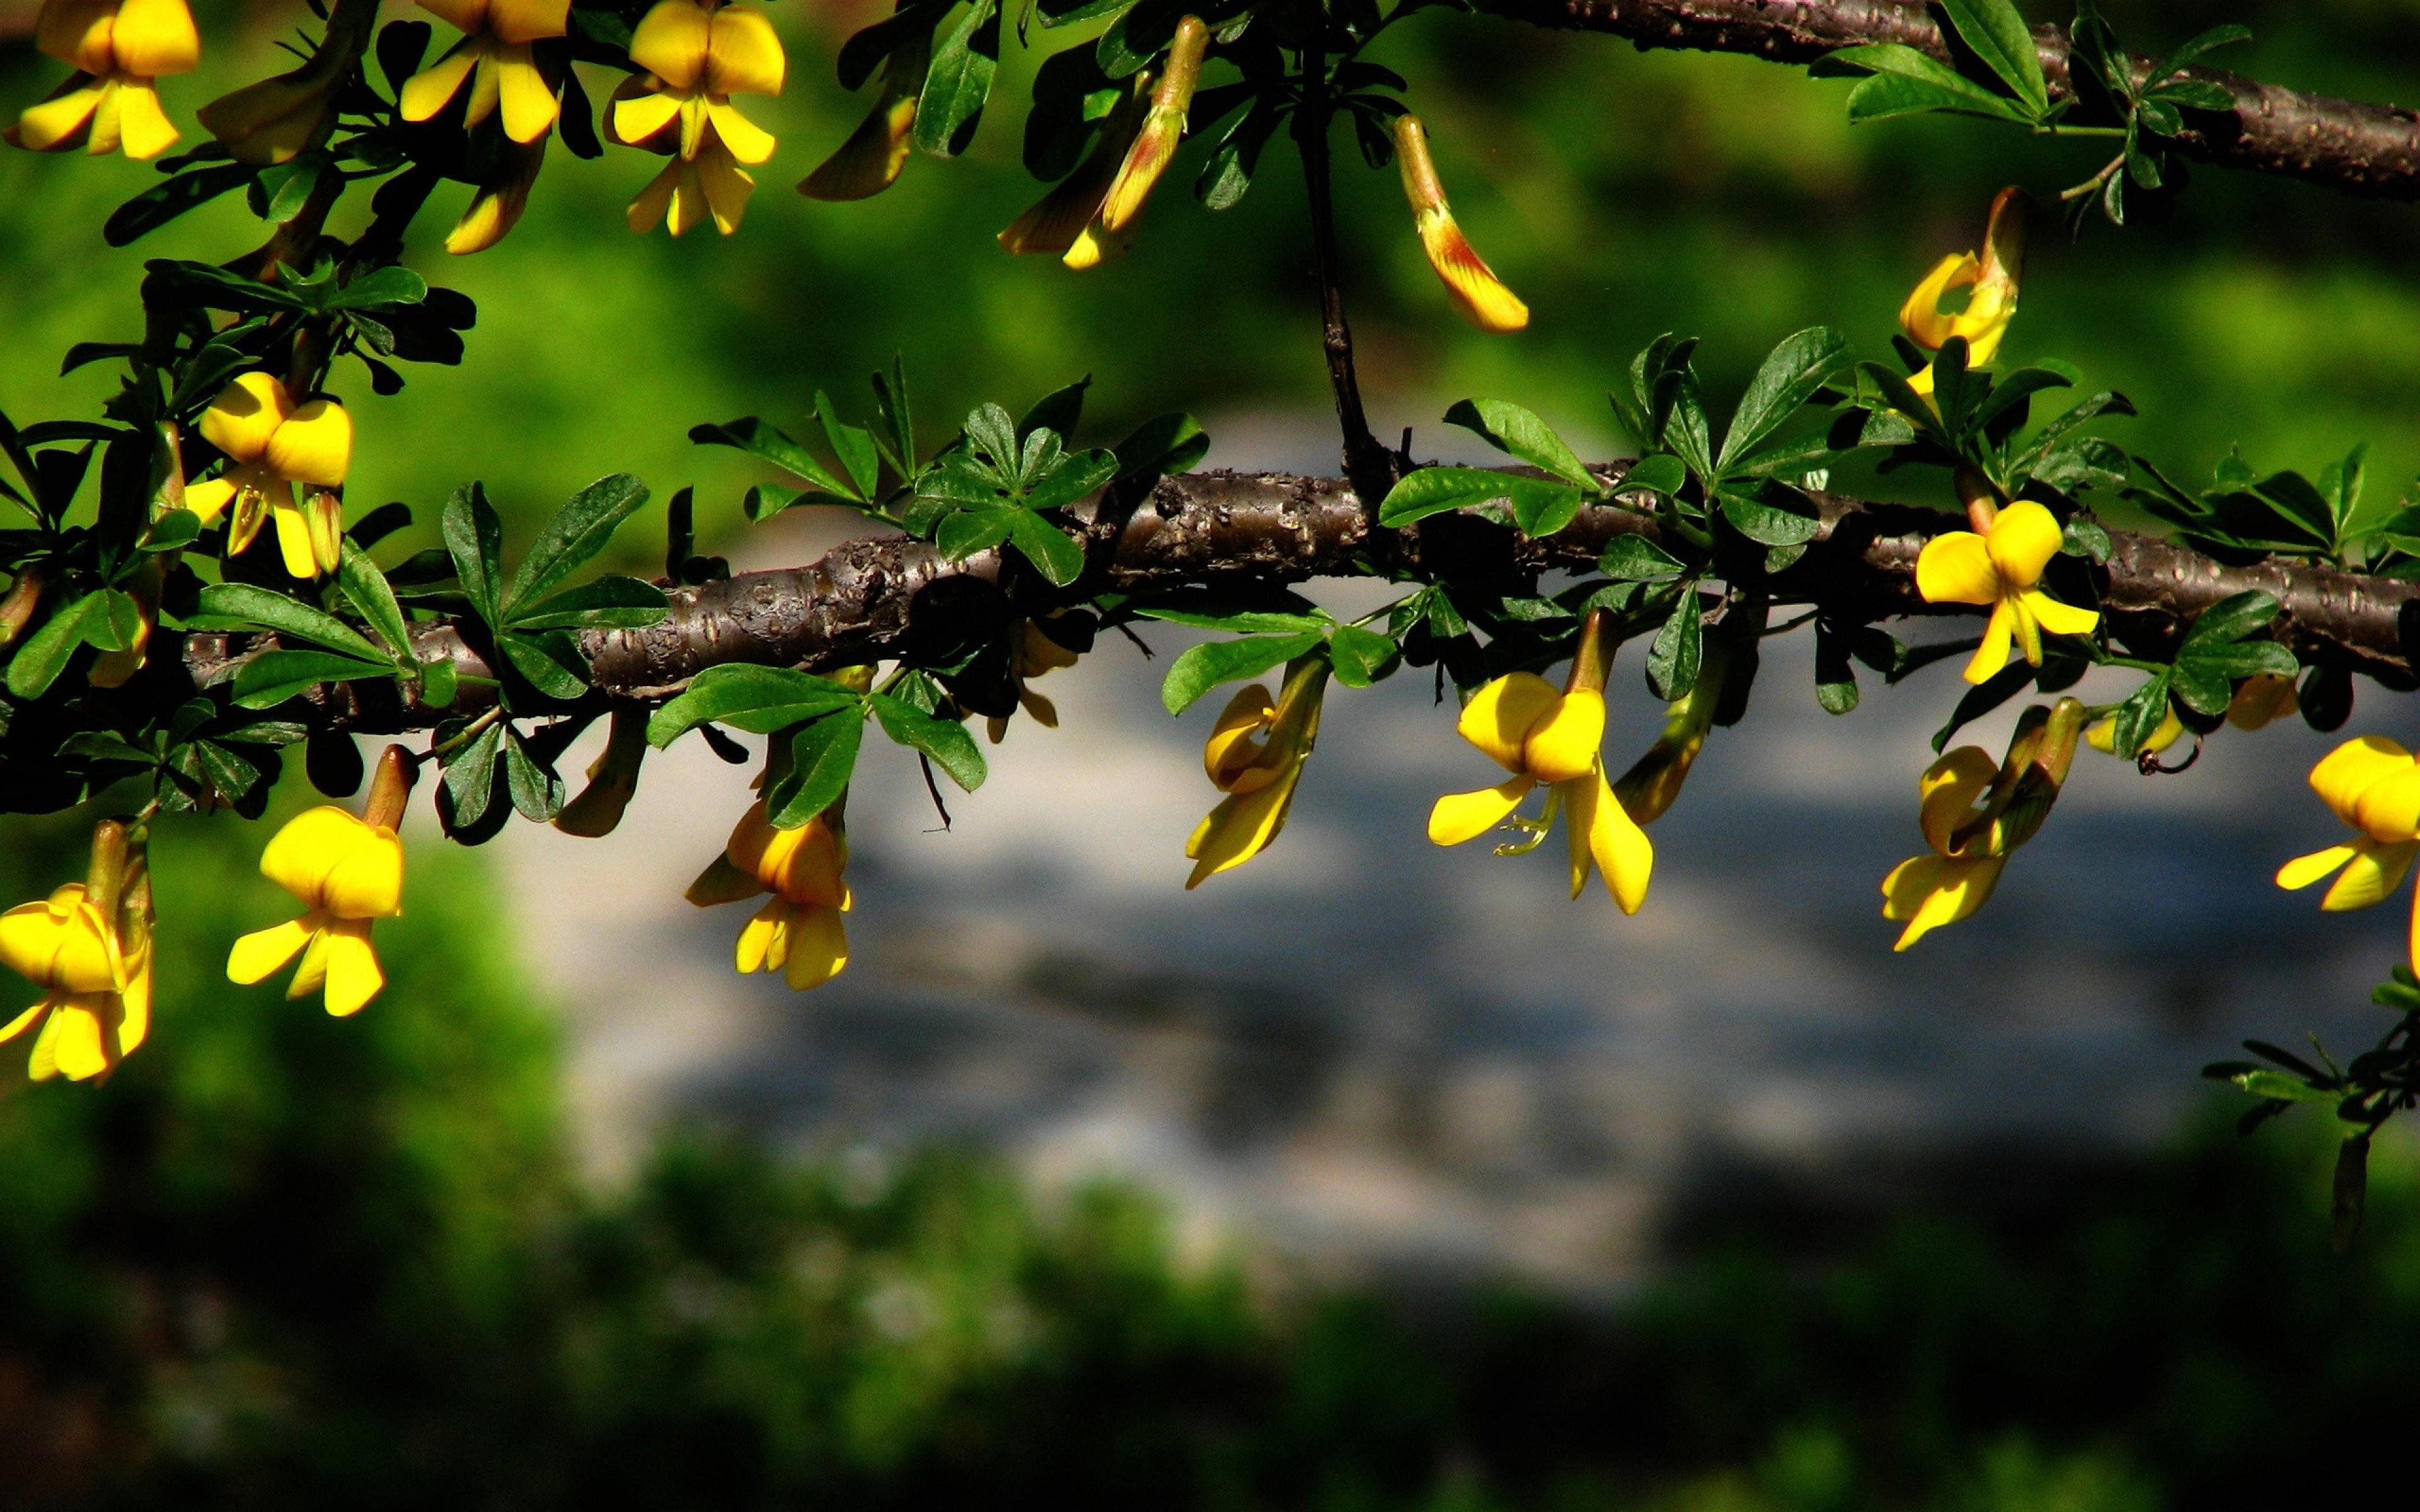 Albero Fiori Gialli.Sfondi Luce Del Sole Foresta Natura Fiori Gialli Ramo Verde